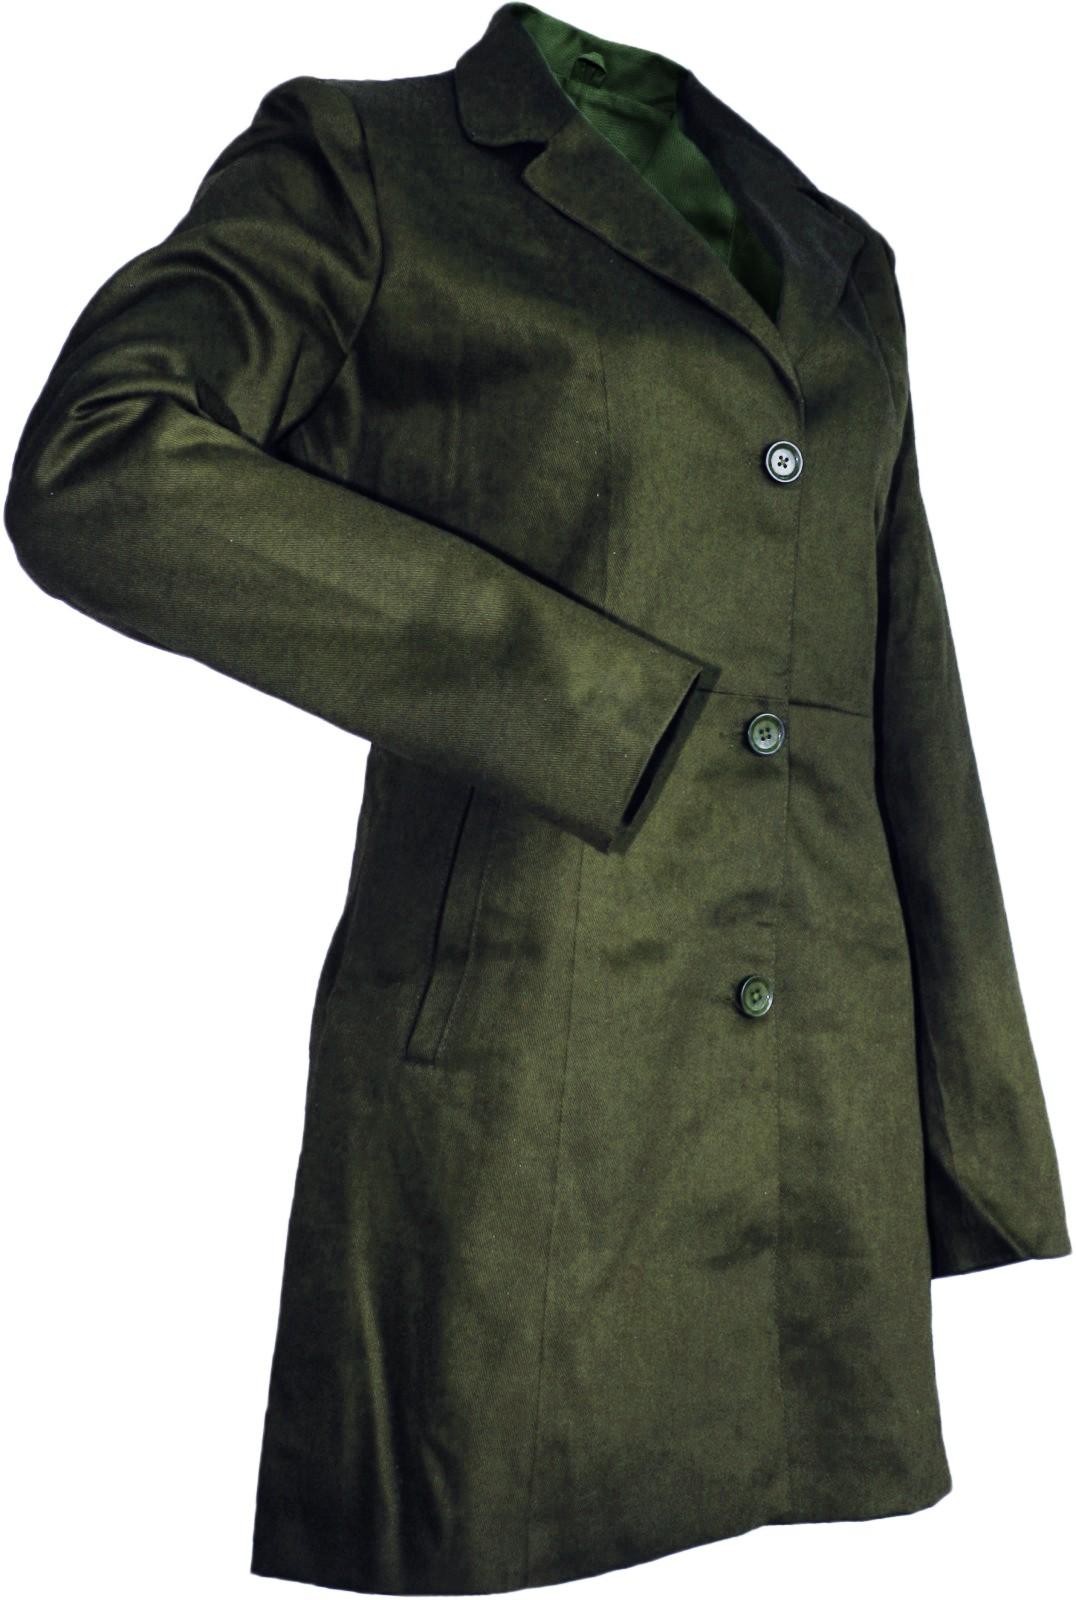 damen mantel trenchcoat aus baumwolle oliv. Black Bedroom Furniture Sets. Home Design Ideas